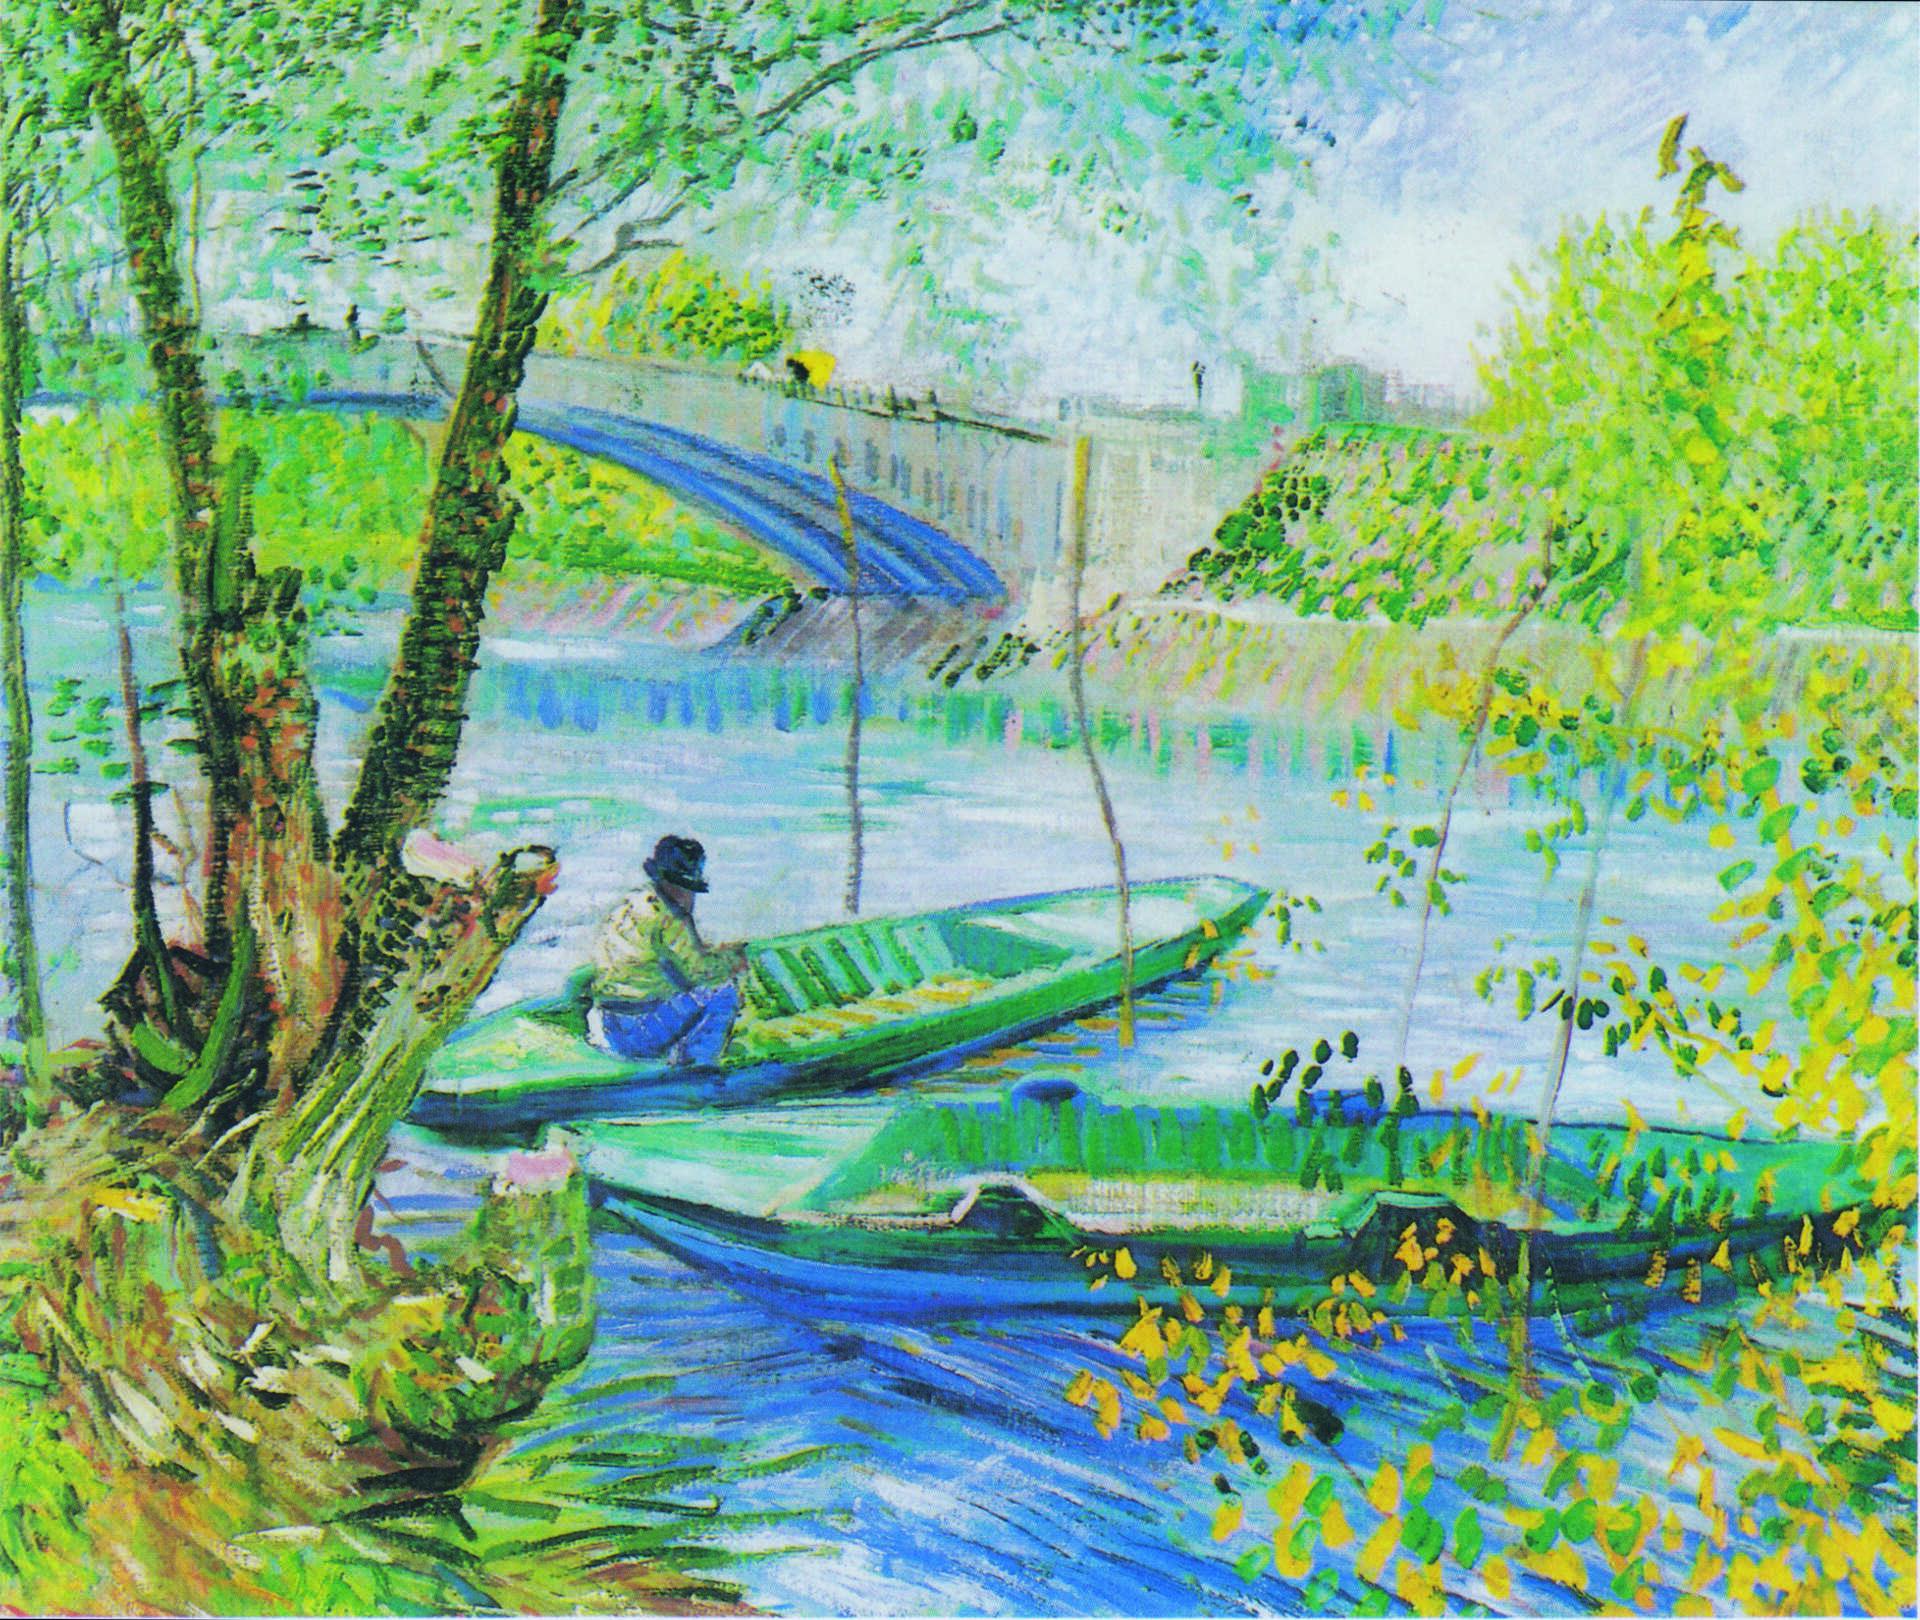 Sur la trace des Impressionnistes à Asnières-sur-Seine, tableau de Van Gogh, La pêche au printemps © Art Institute of Chicago